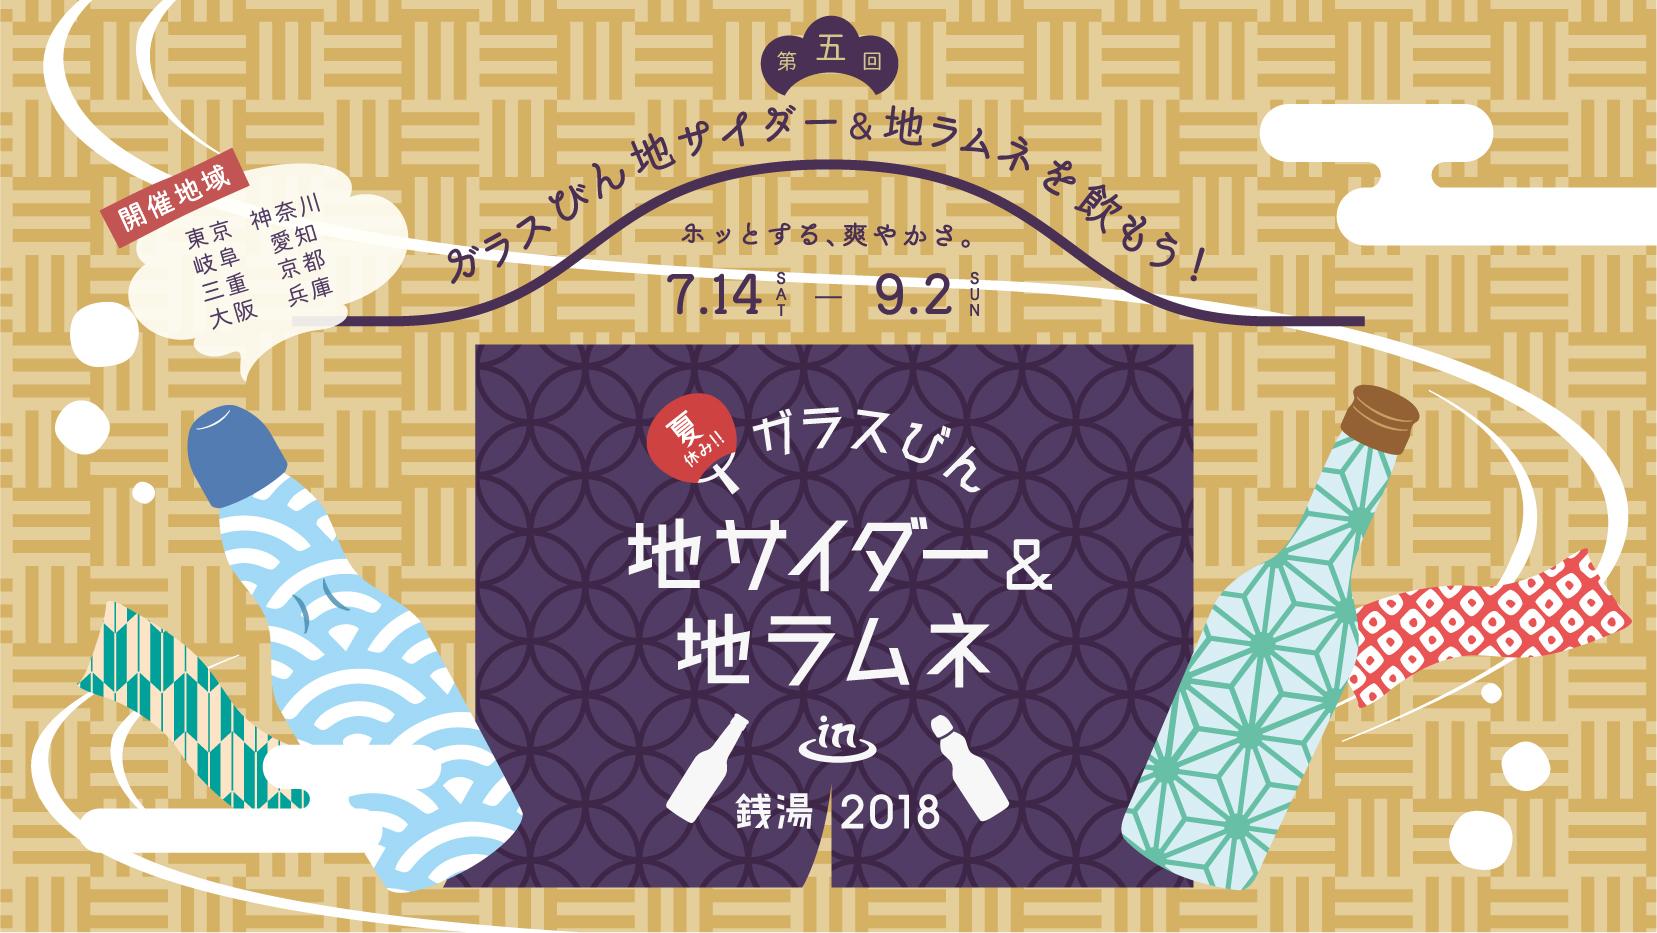 ガラスびん×地サイダー&地ラムネ in 銭湯 2018